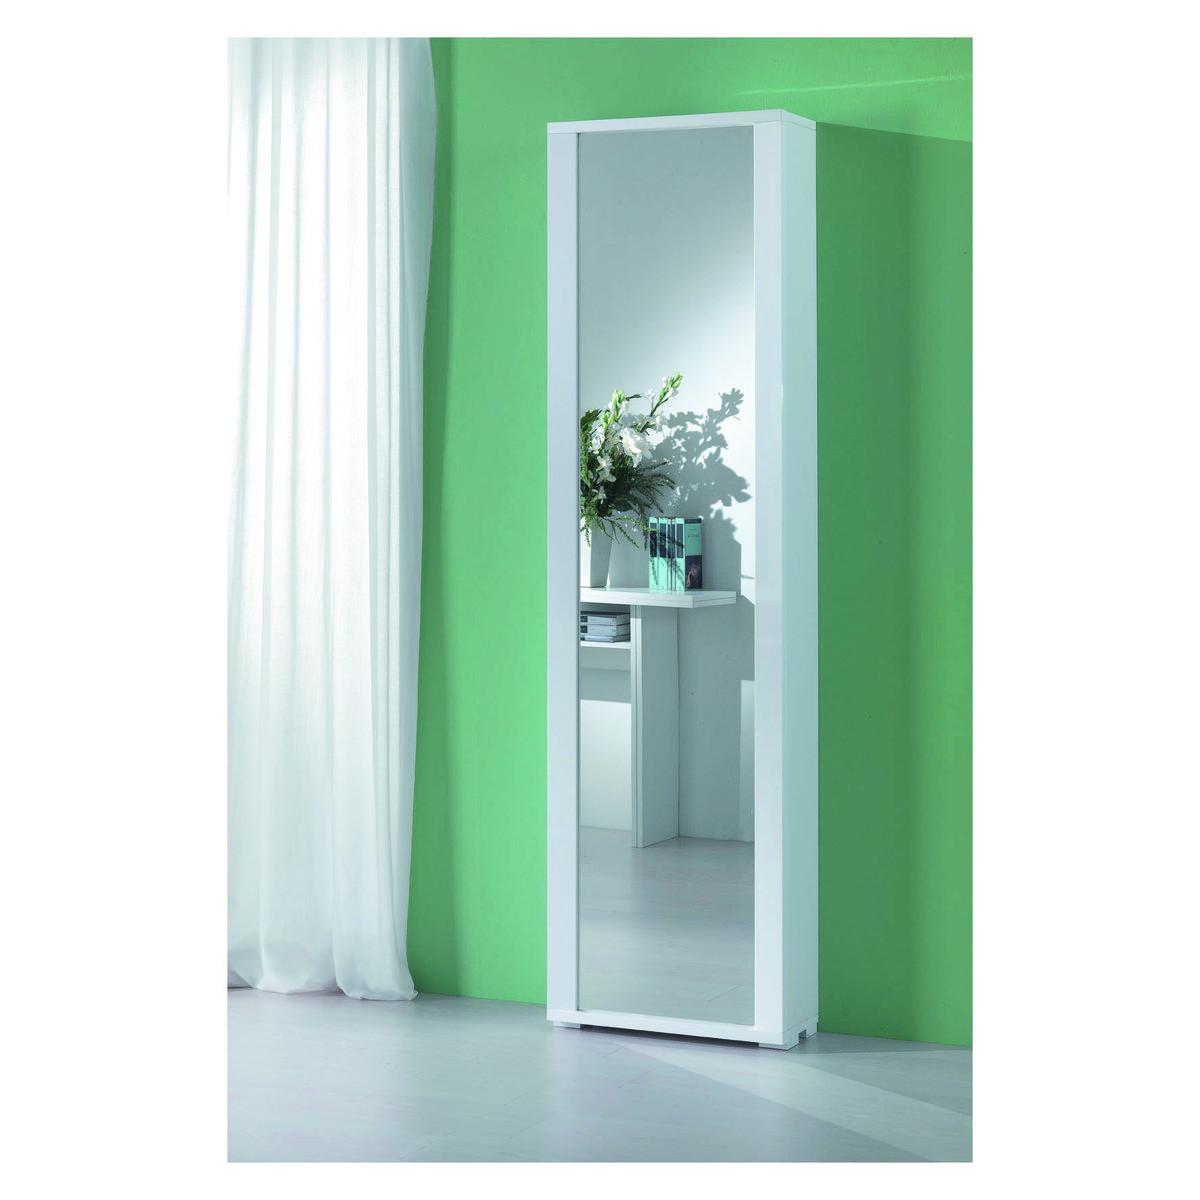 Armadio 1 anta specchio prezzo migliore casa migliore prezzi opinioni recensioni - Scarpiera con specchio ...